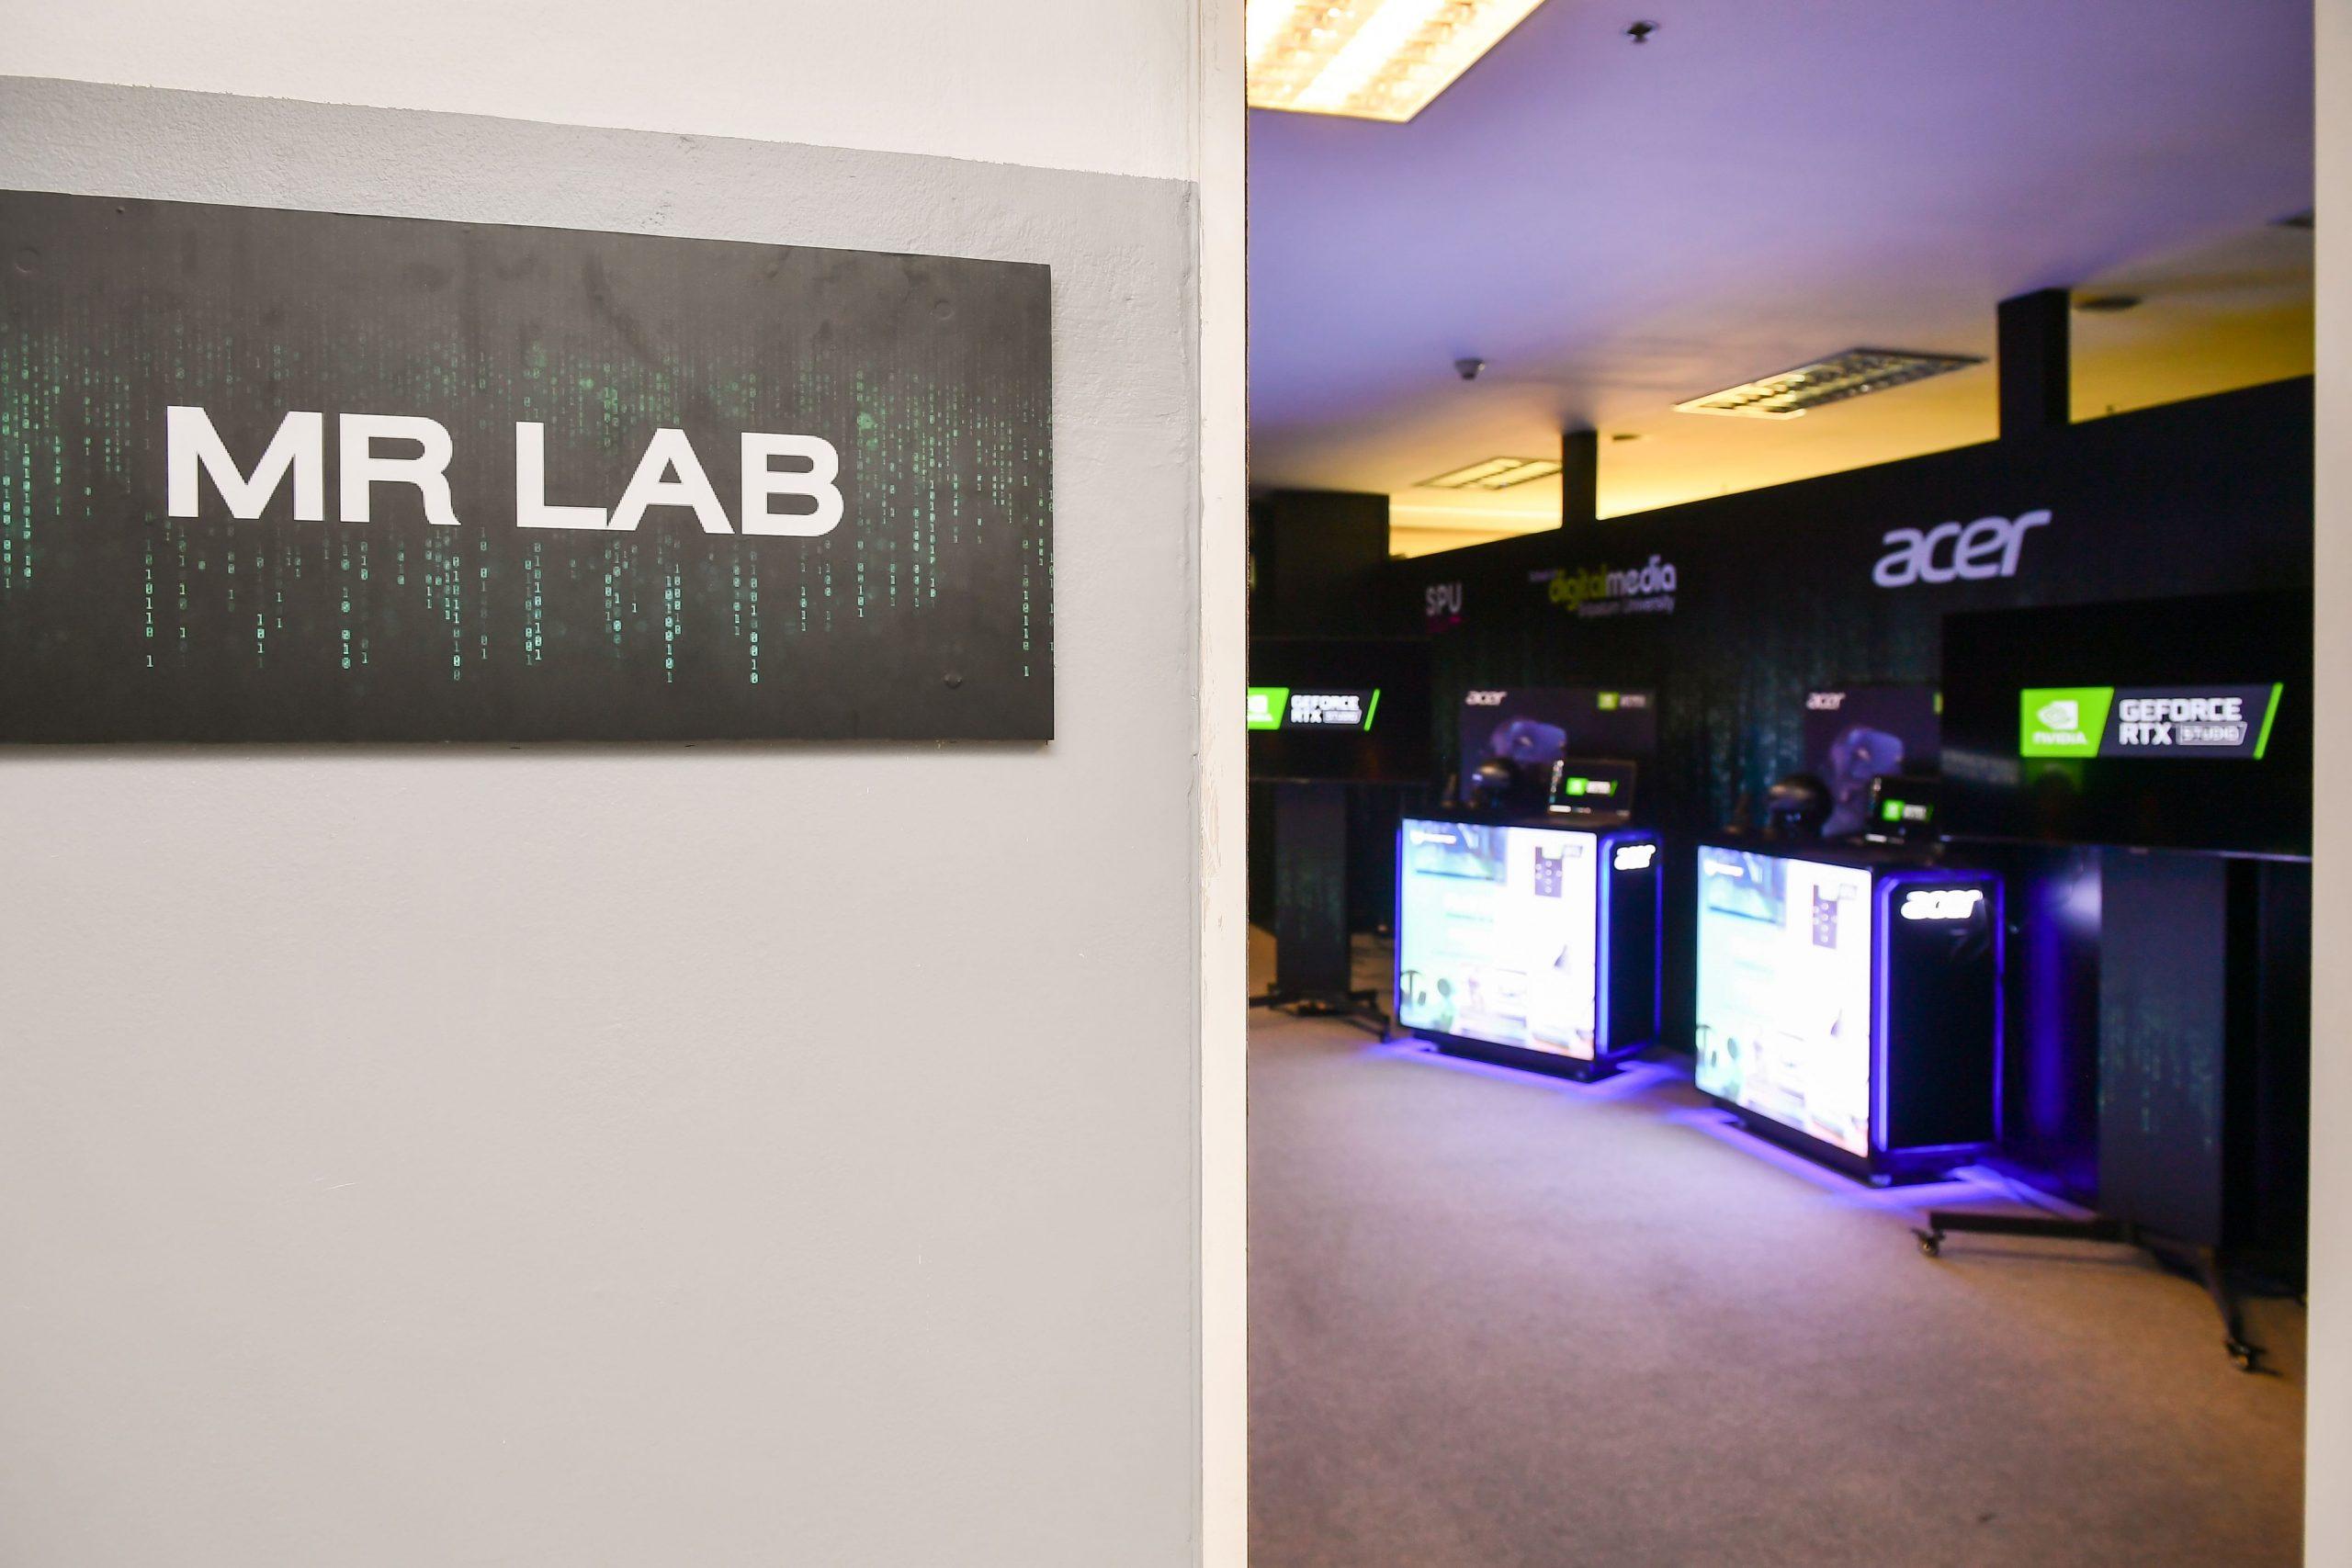 Acer Digital Nvidia ดิจิทัล มหาวิทยาลัยศรีปทุม